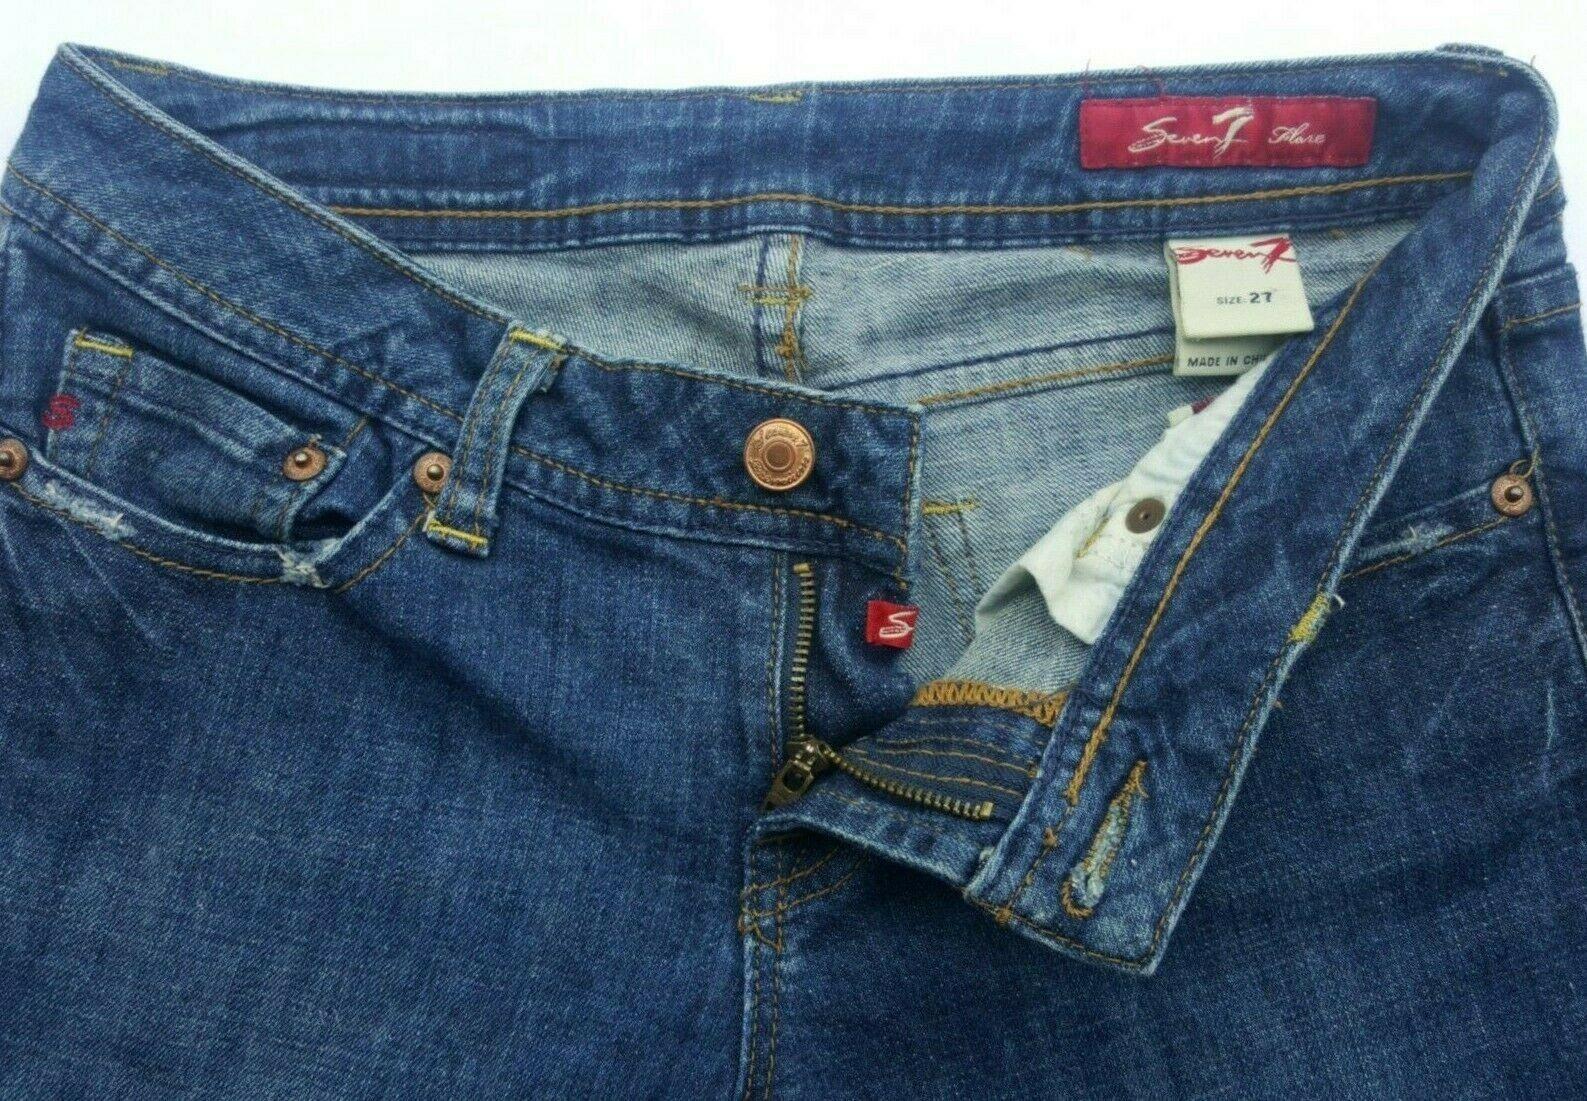 Women s SEVEN7 Dark Denim Flared Jeans Size 27 29 X 28.5  - $13.95